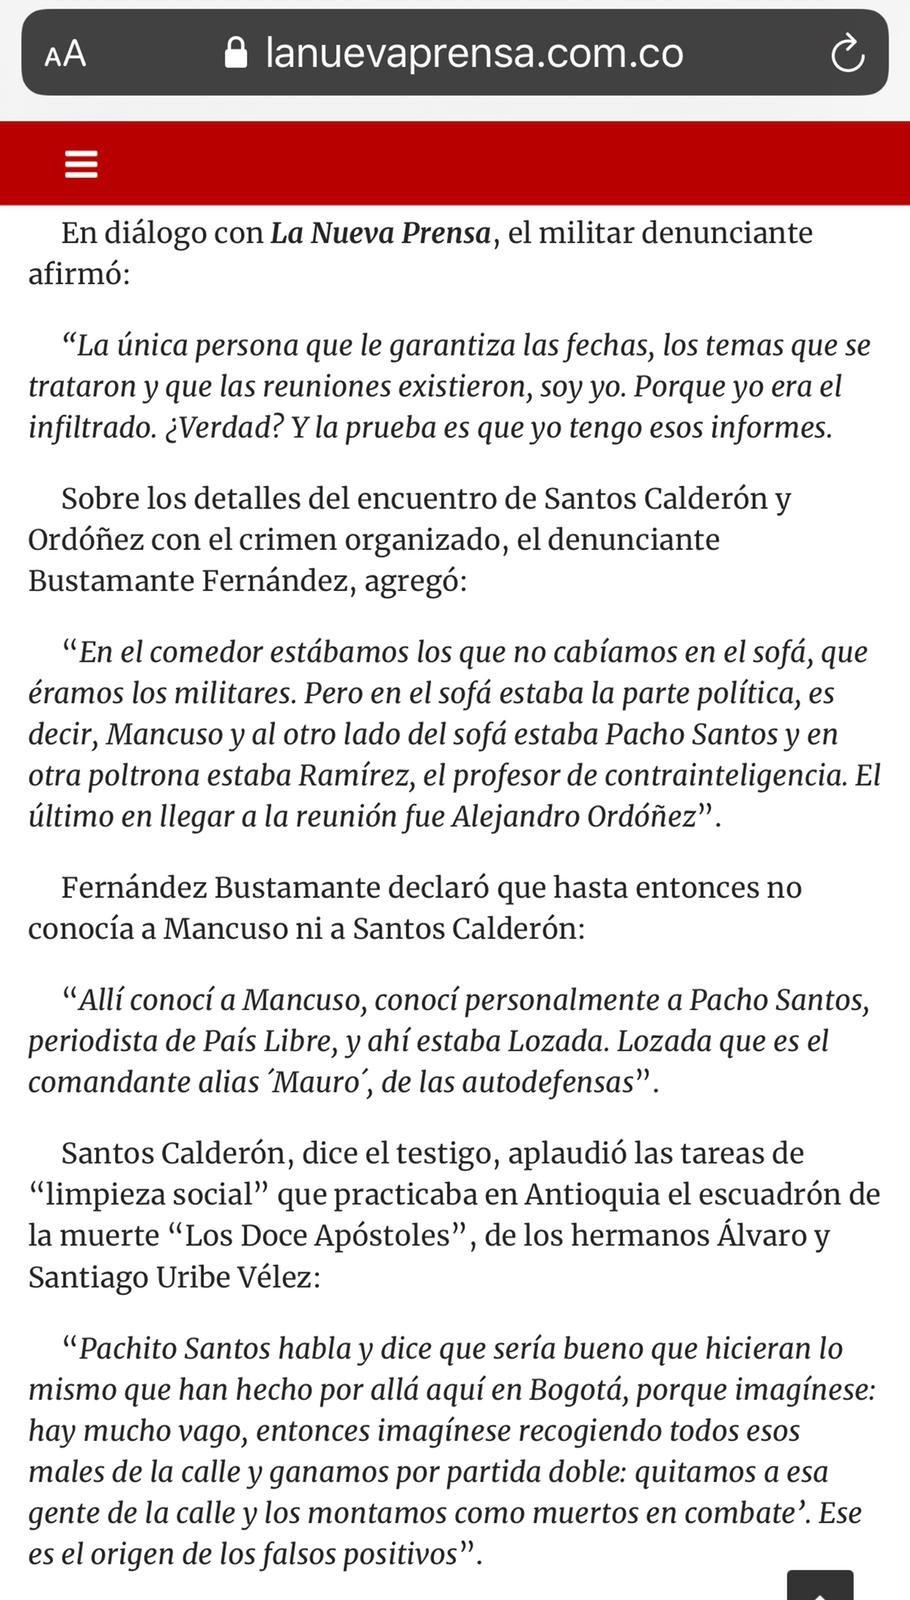 Noticias y  Generalidades - Página 10 EgWo-UZXsAcyMq6?format=jpg&name=large